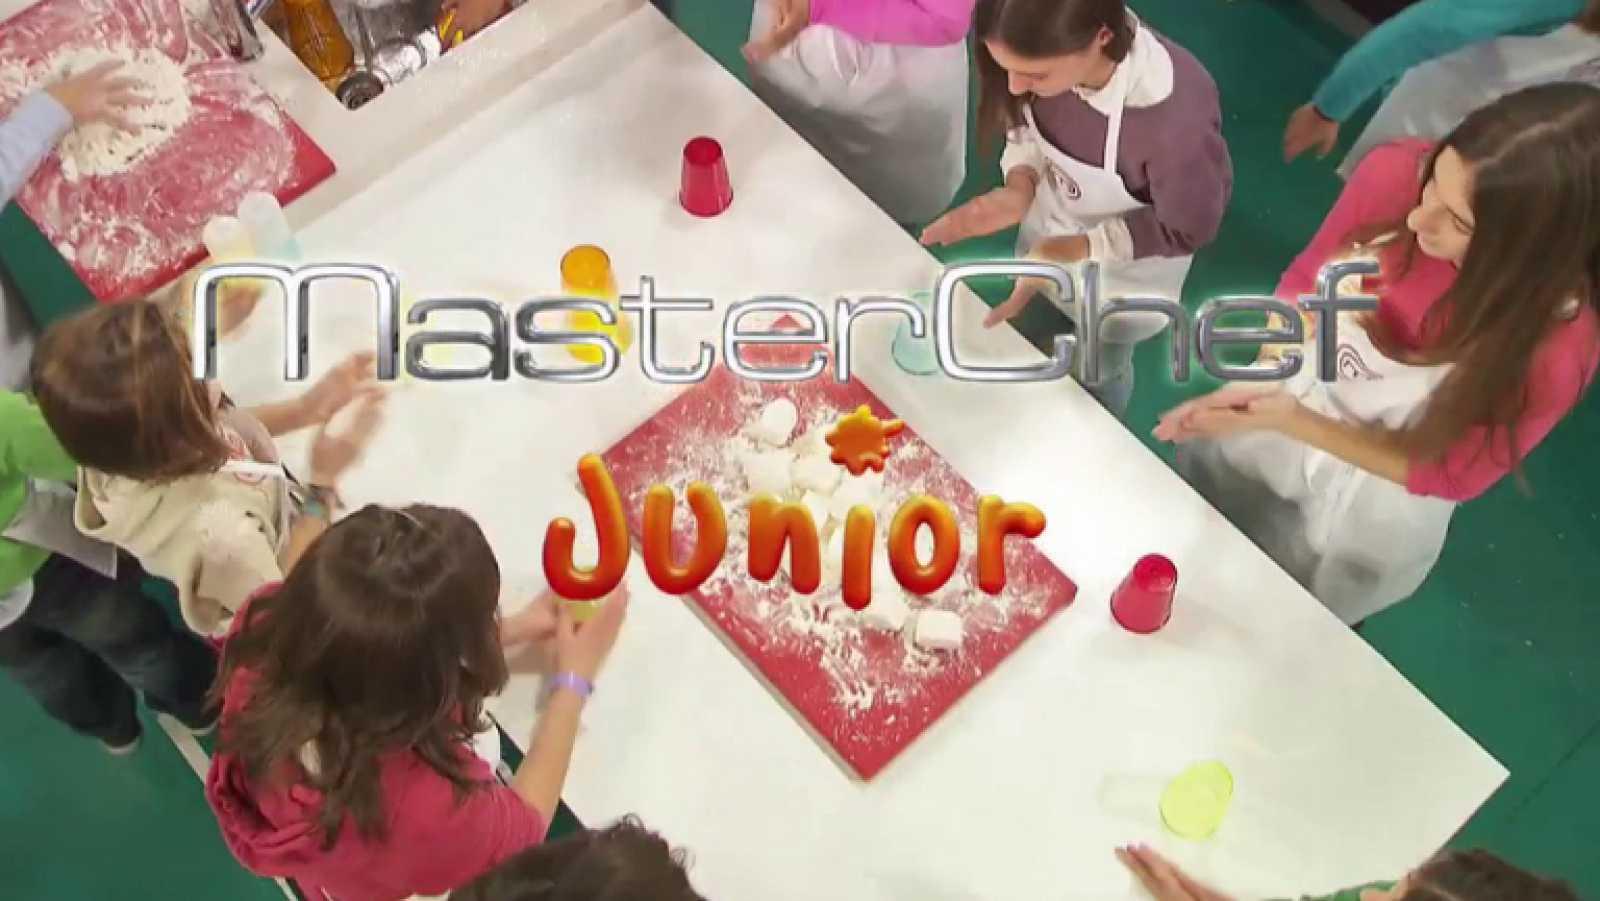 Masterchef Junior La Revolucion Llega A Las Cocinas Estas Navidades